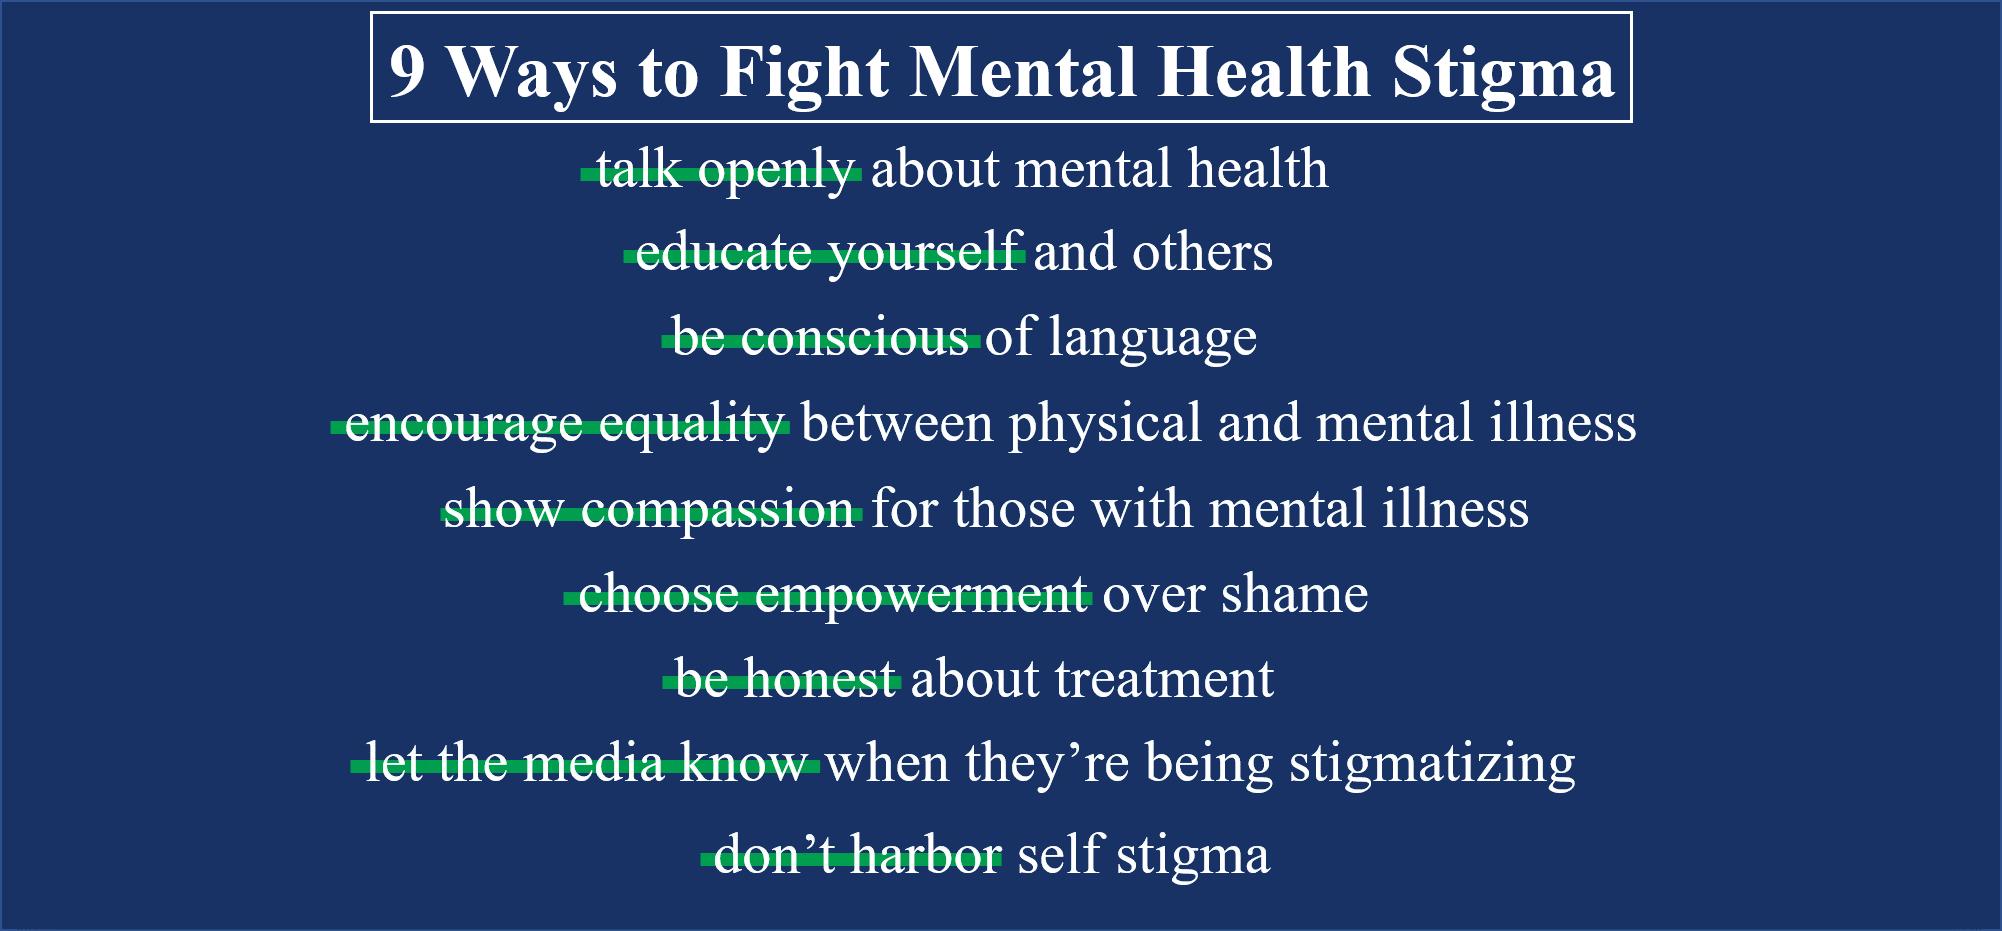 9 ways...stigma